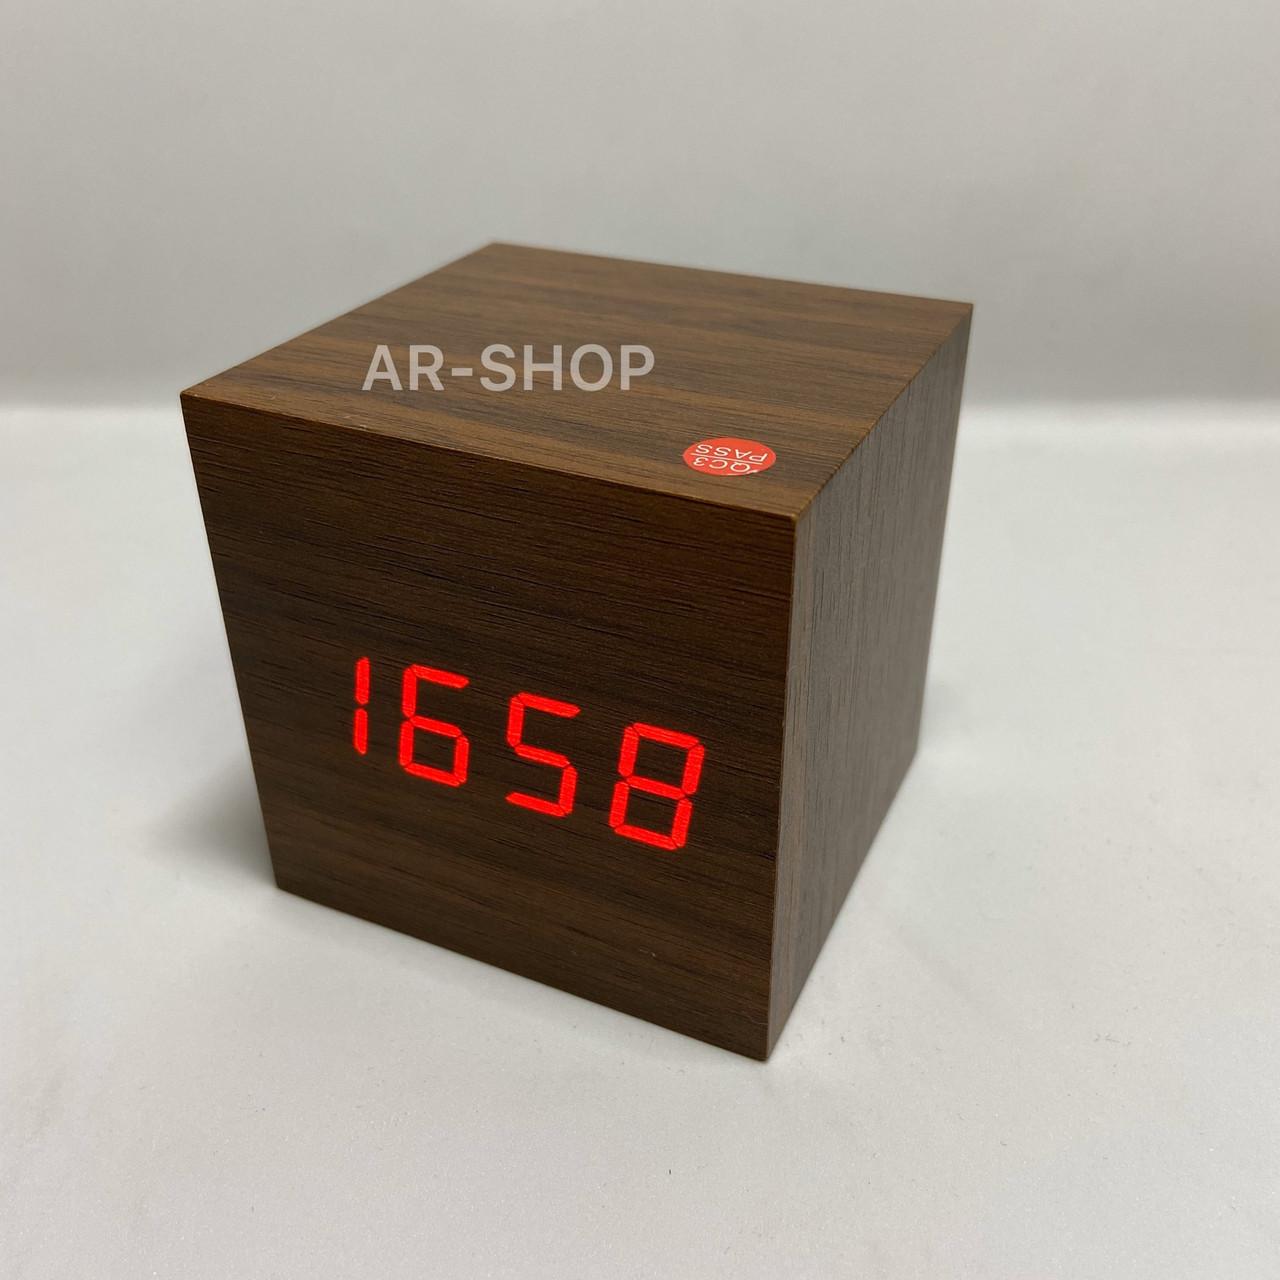 Электронные настольные часы LED WOODEN CLOCK VST 869 кубик под дерево коричневый, красная подсветка